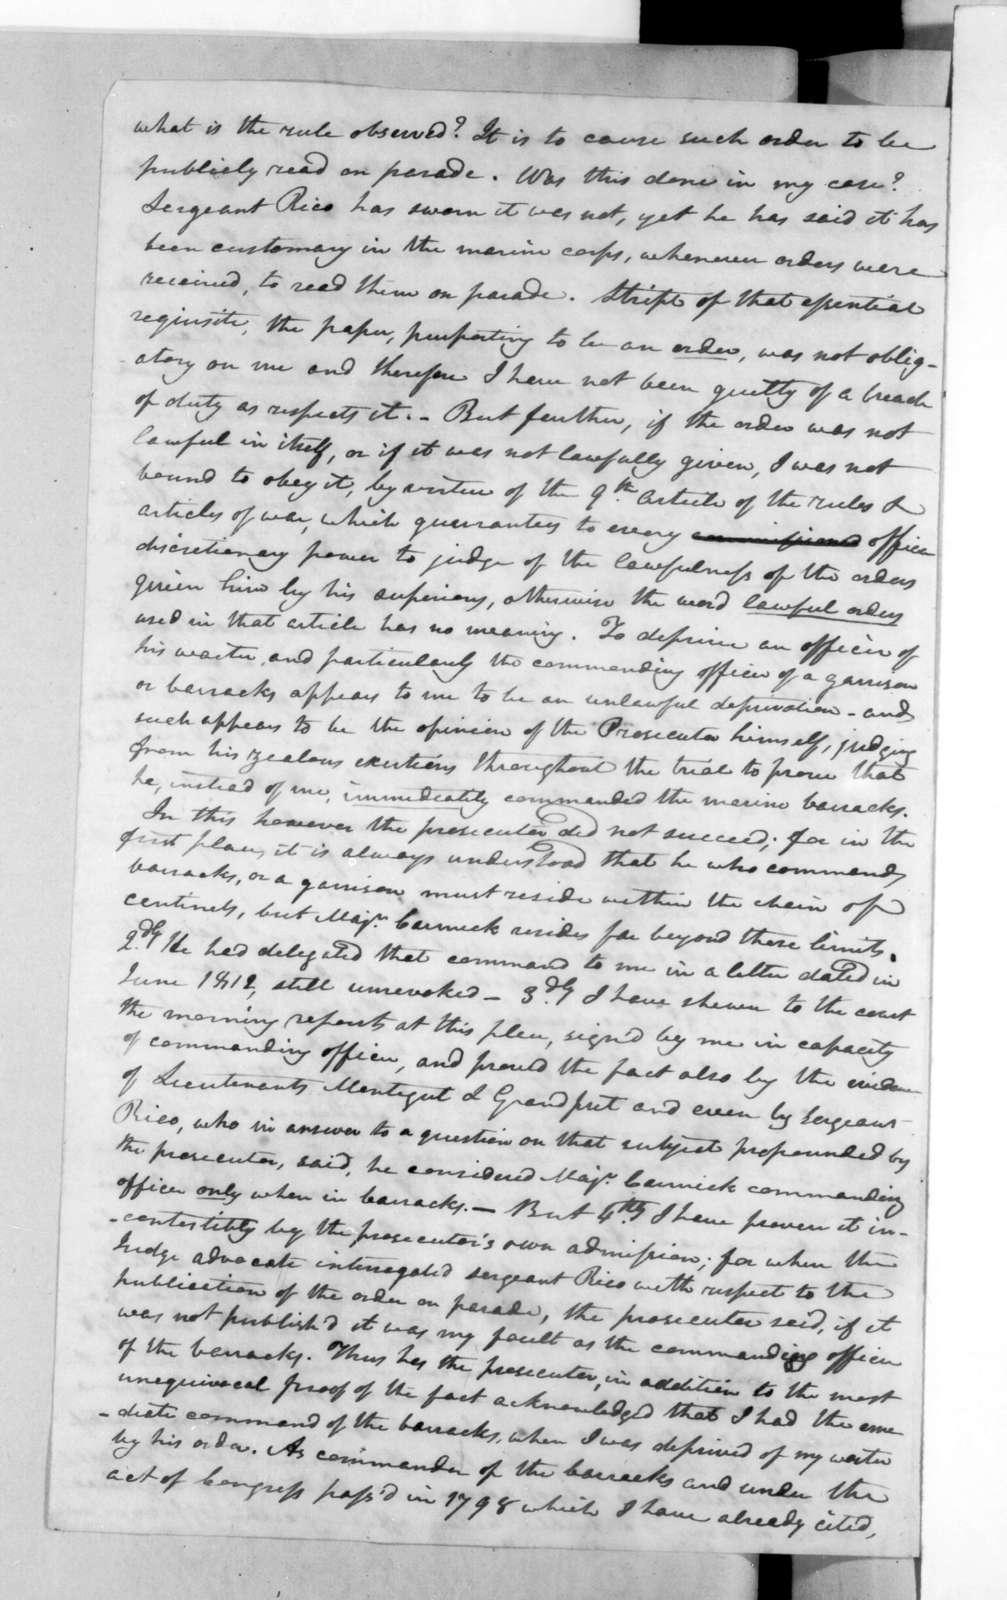 Francis Barbin de Bellevue to James Madison, April 8, 1816